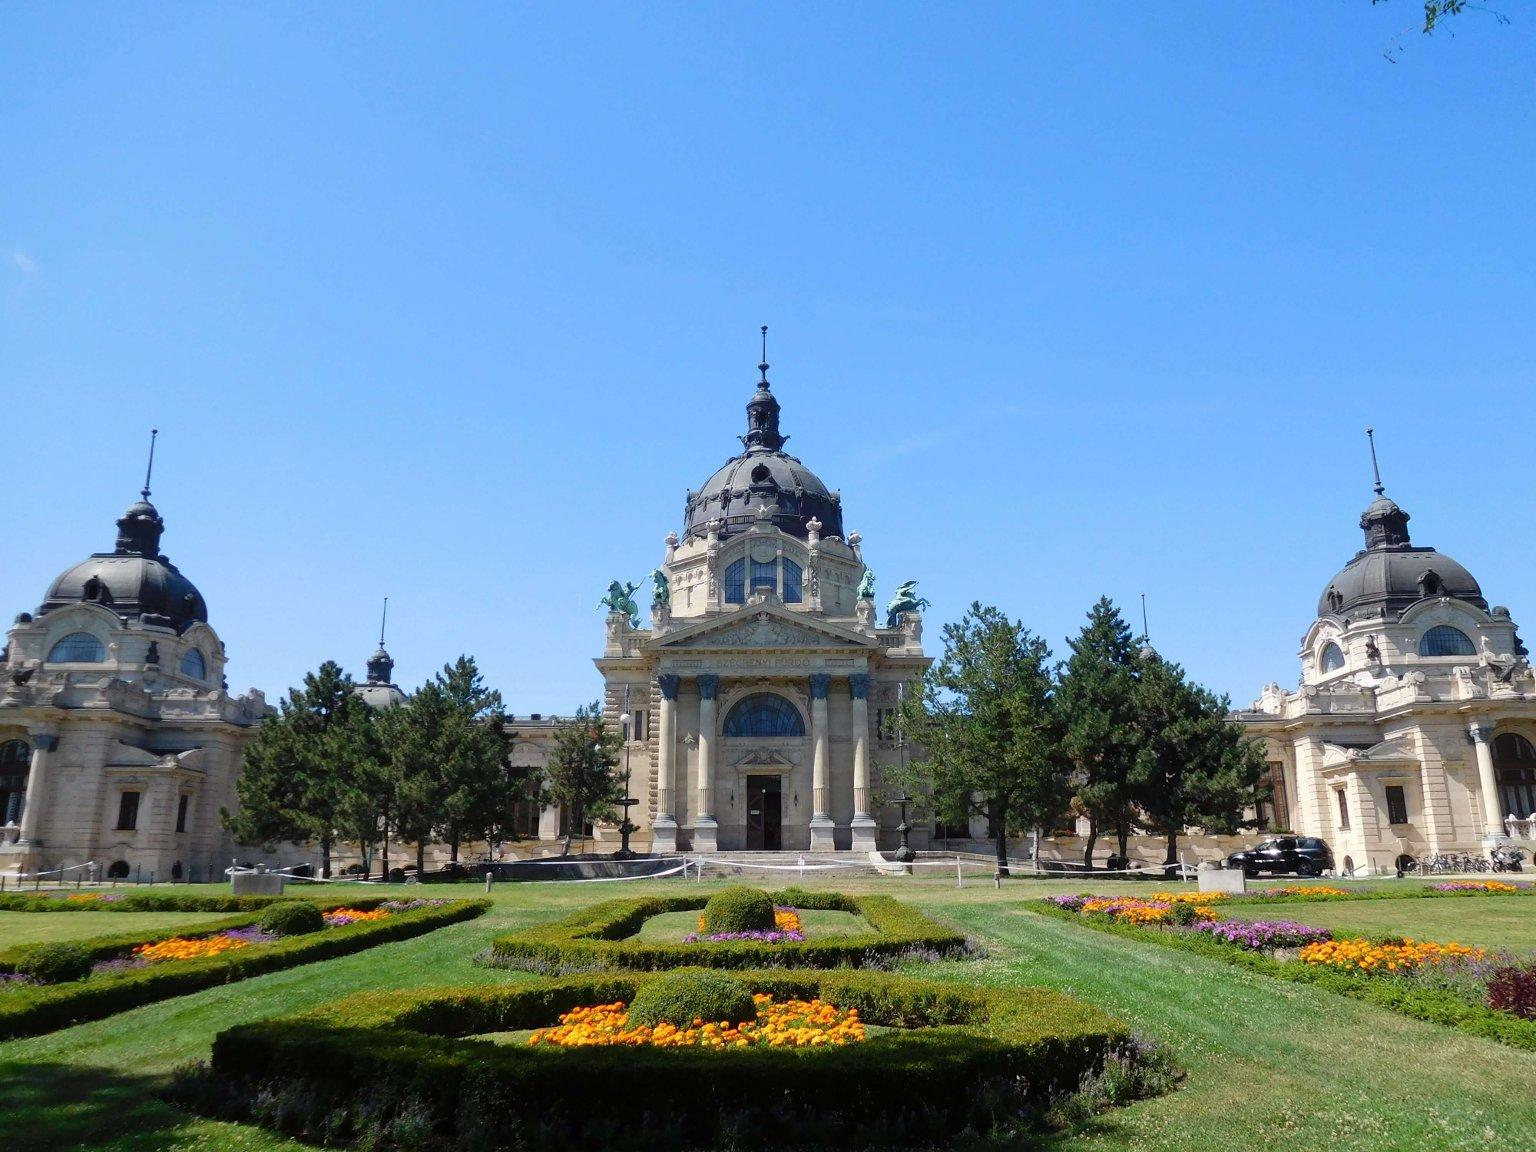 Купальня Сечени - первая купальня Будапешта